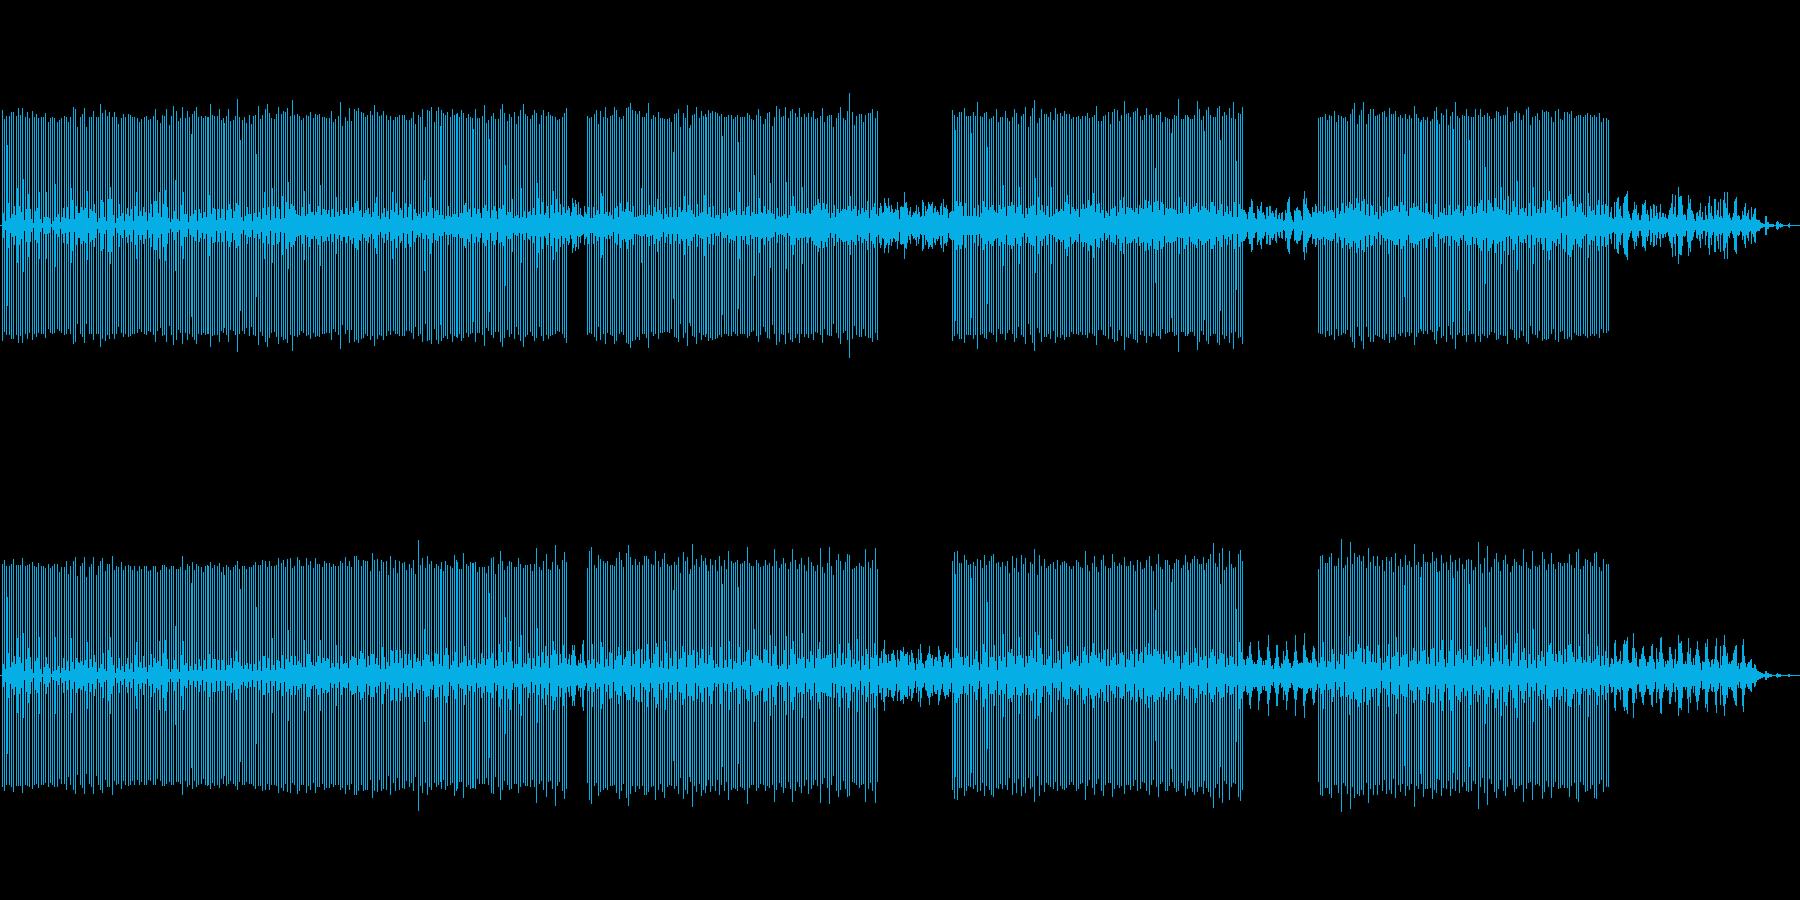 北欧的Deepダブテクノminimalの再生済みの波形